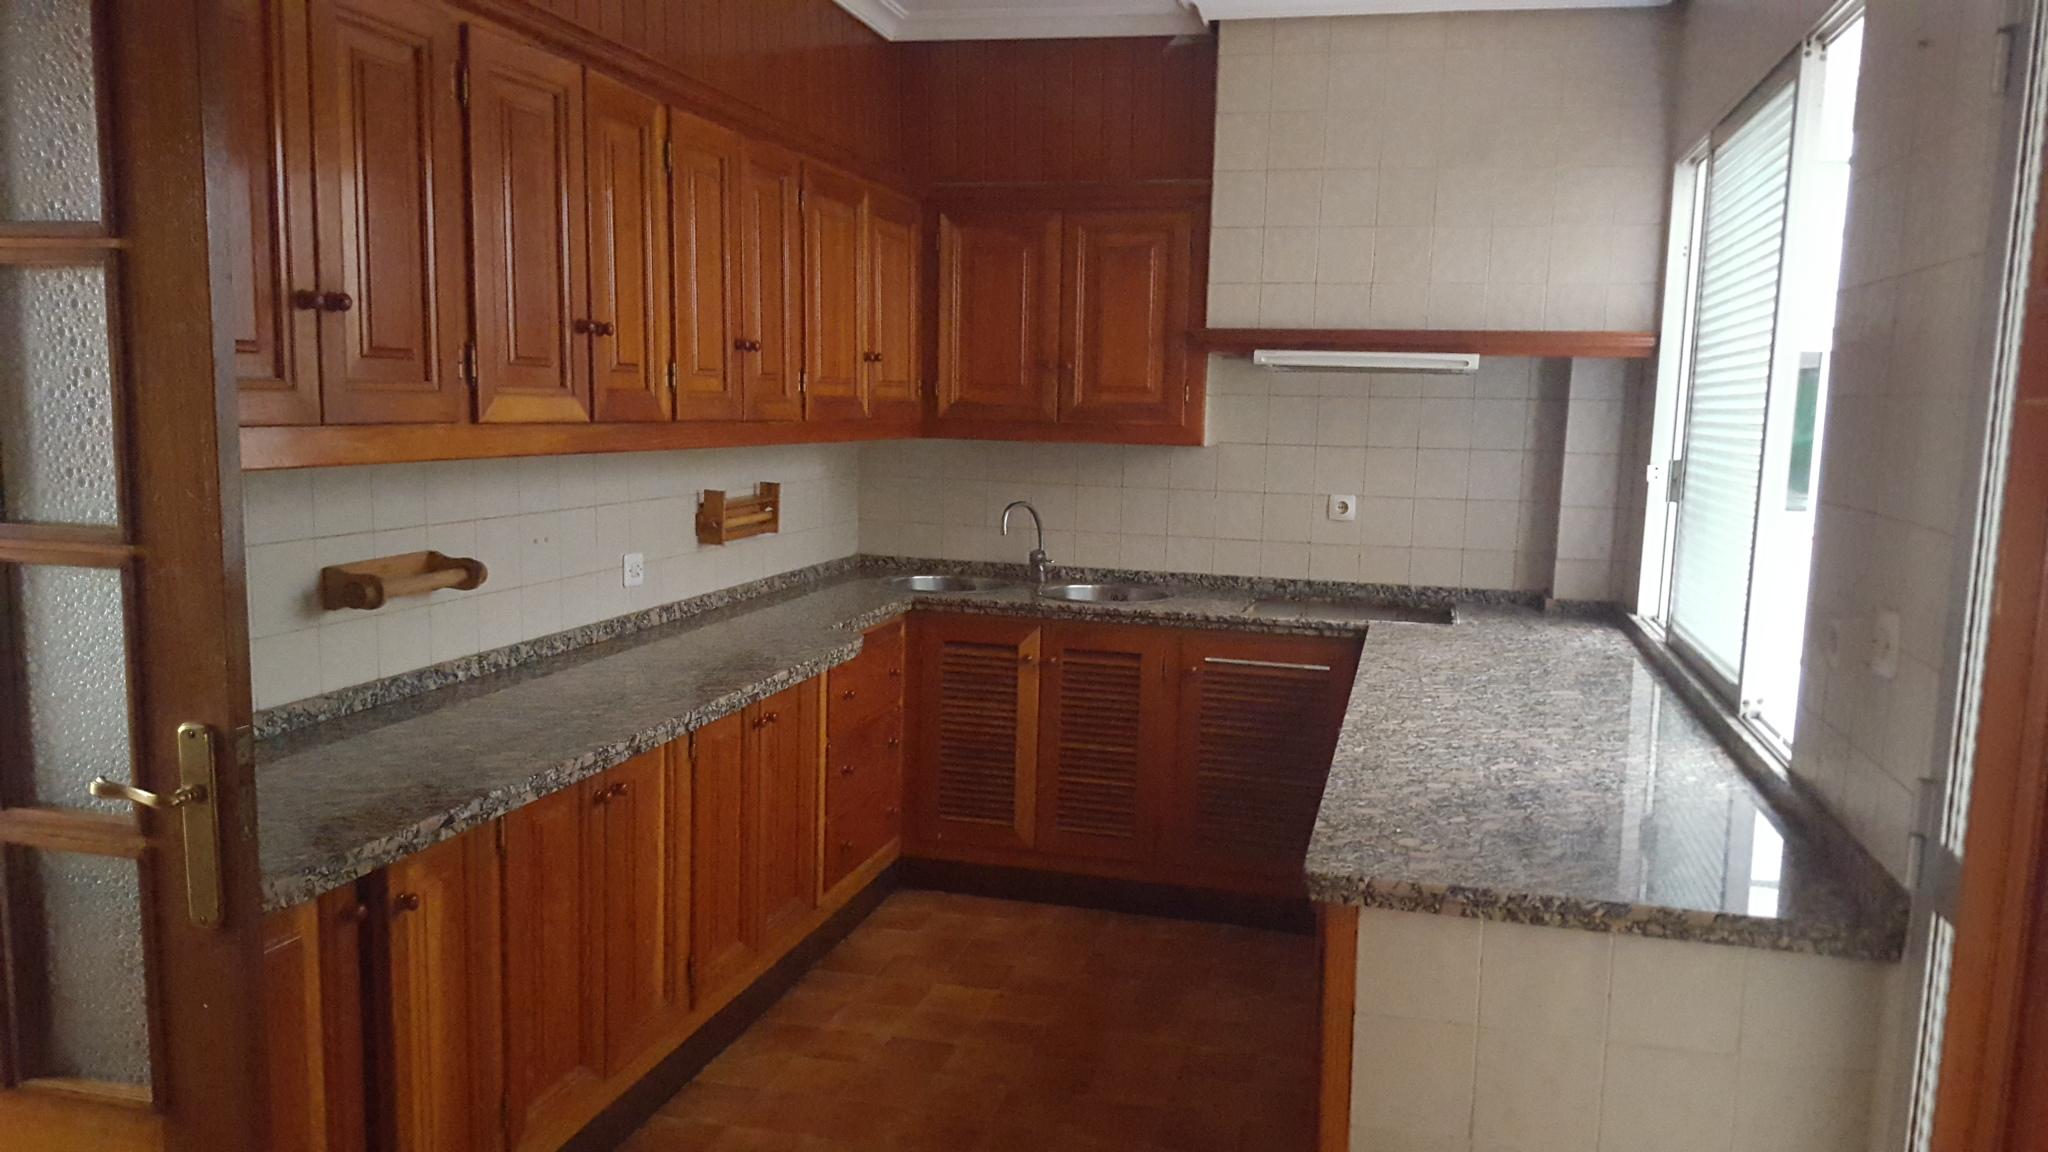 Piso en venta en Piso en Cáceres, Cáceres, 215.000 €, 4 habitaciones, 2 baños, 188 m2